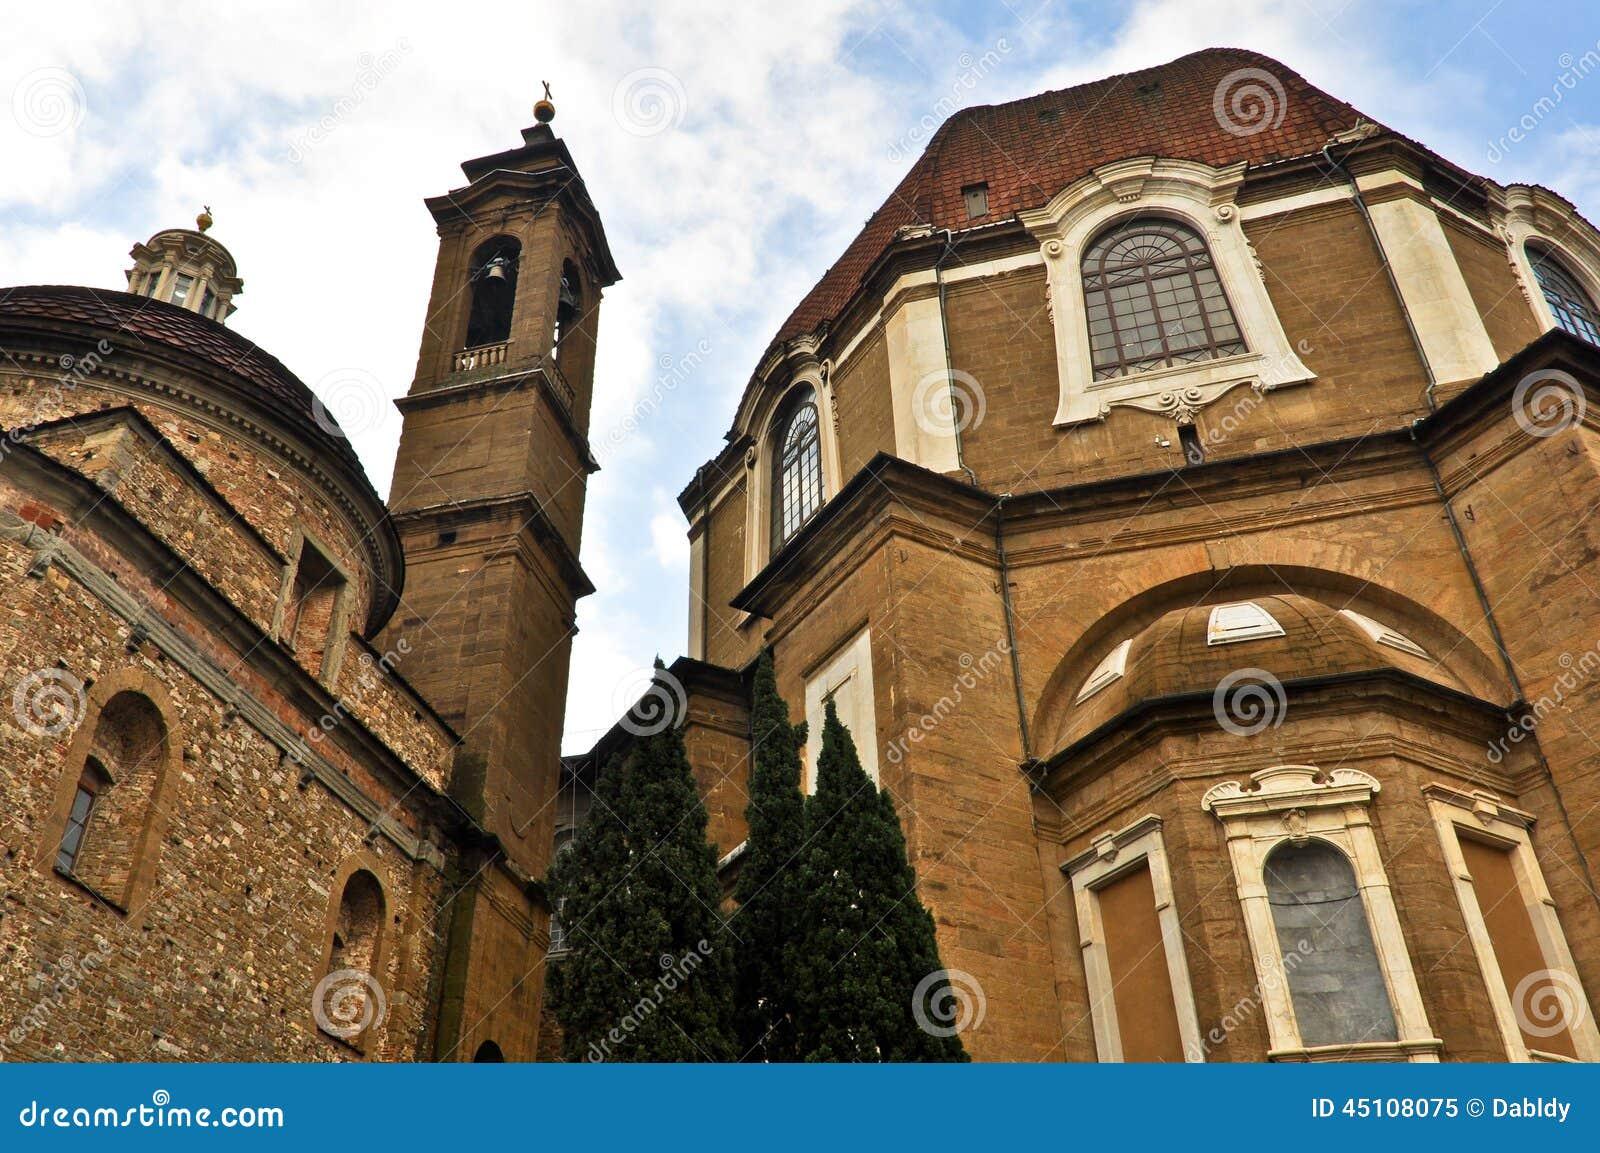 San Lorenzo Church in Florence